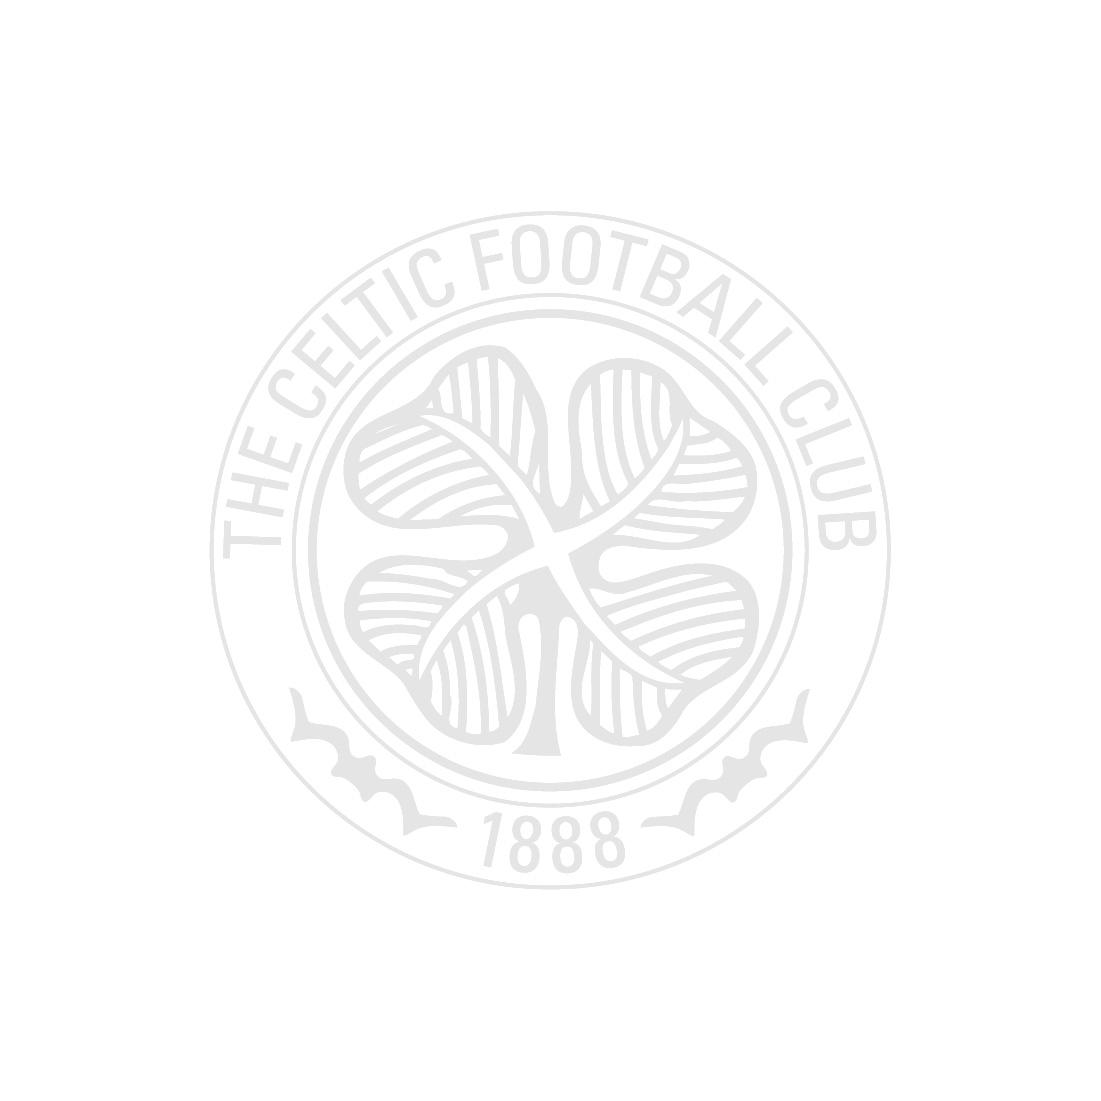 Celtic Milk Tray